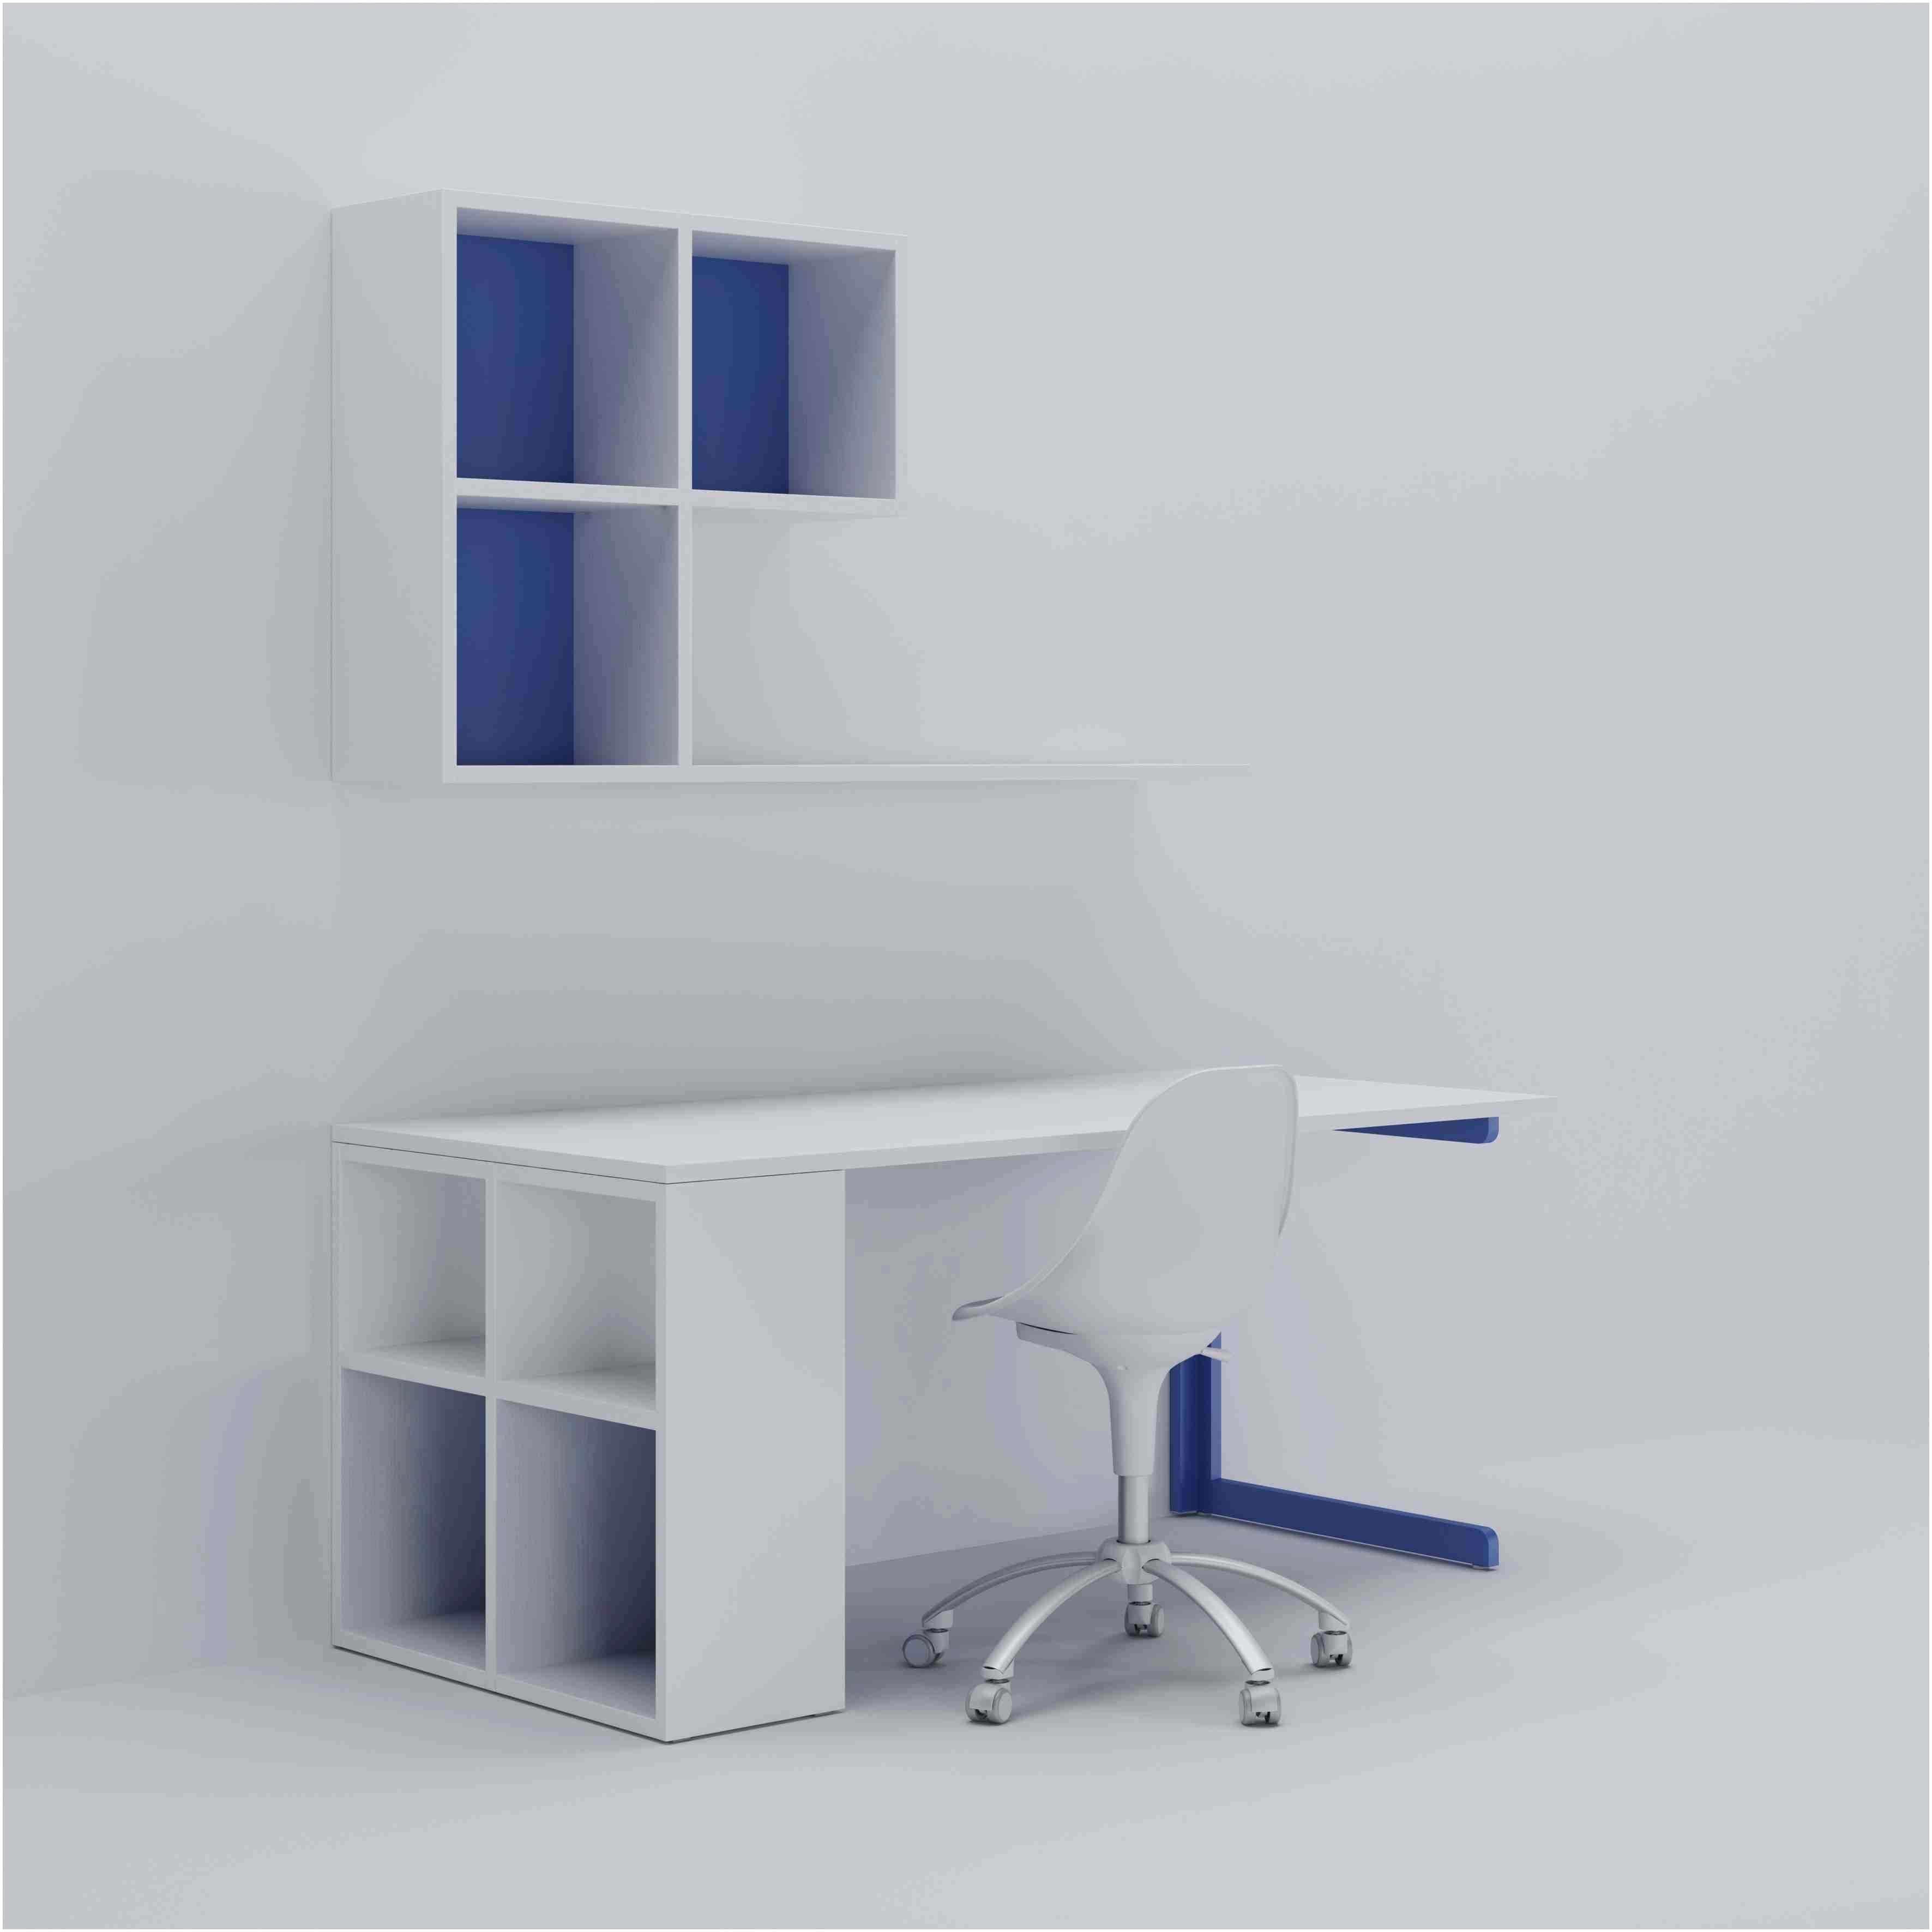 Lit Mezzanine Ado Inspiré Unique Bureau Chambre Ado Ikea New Bureau Ado Ikea Luxe Lit